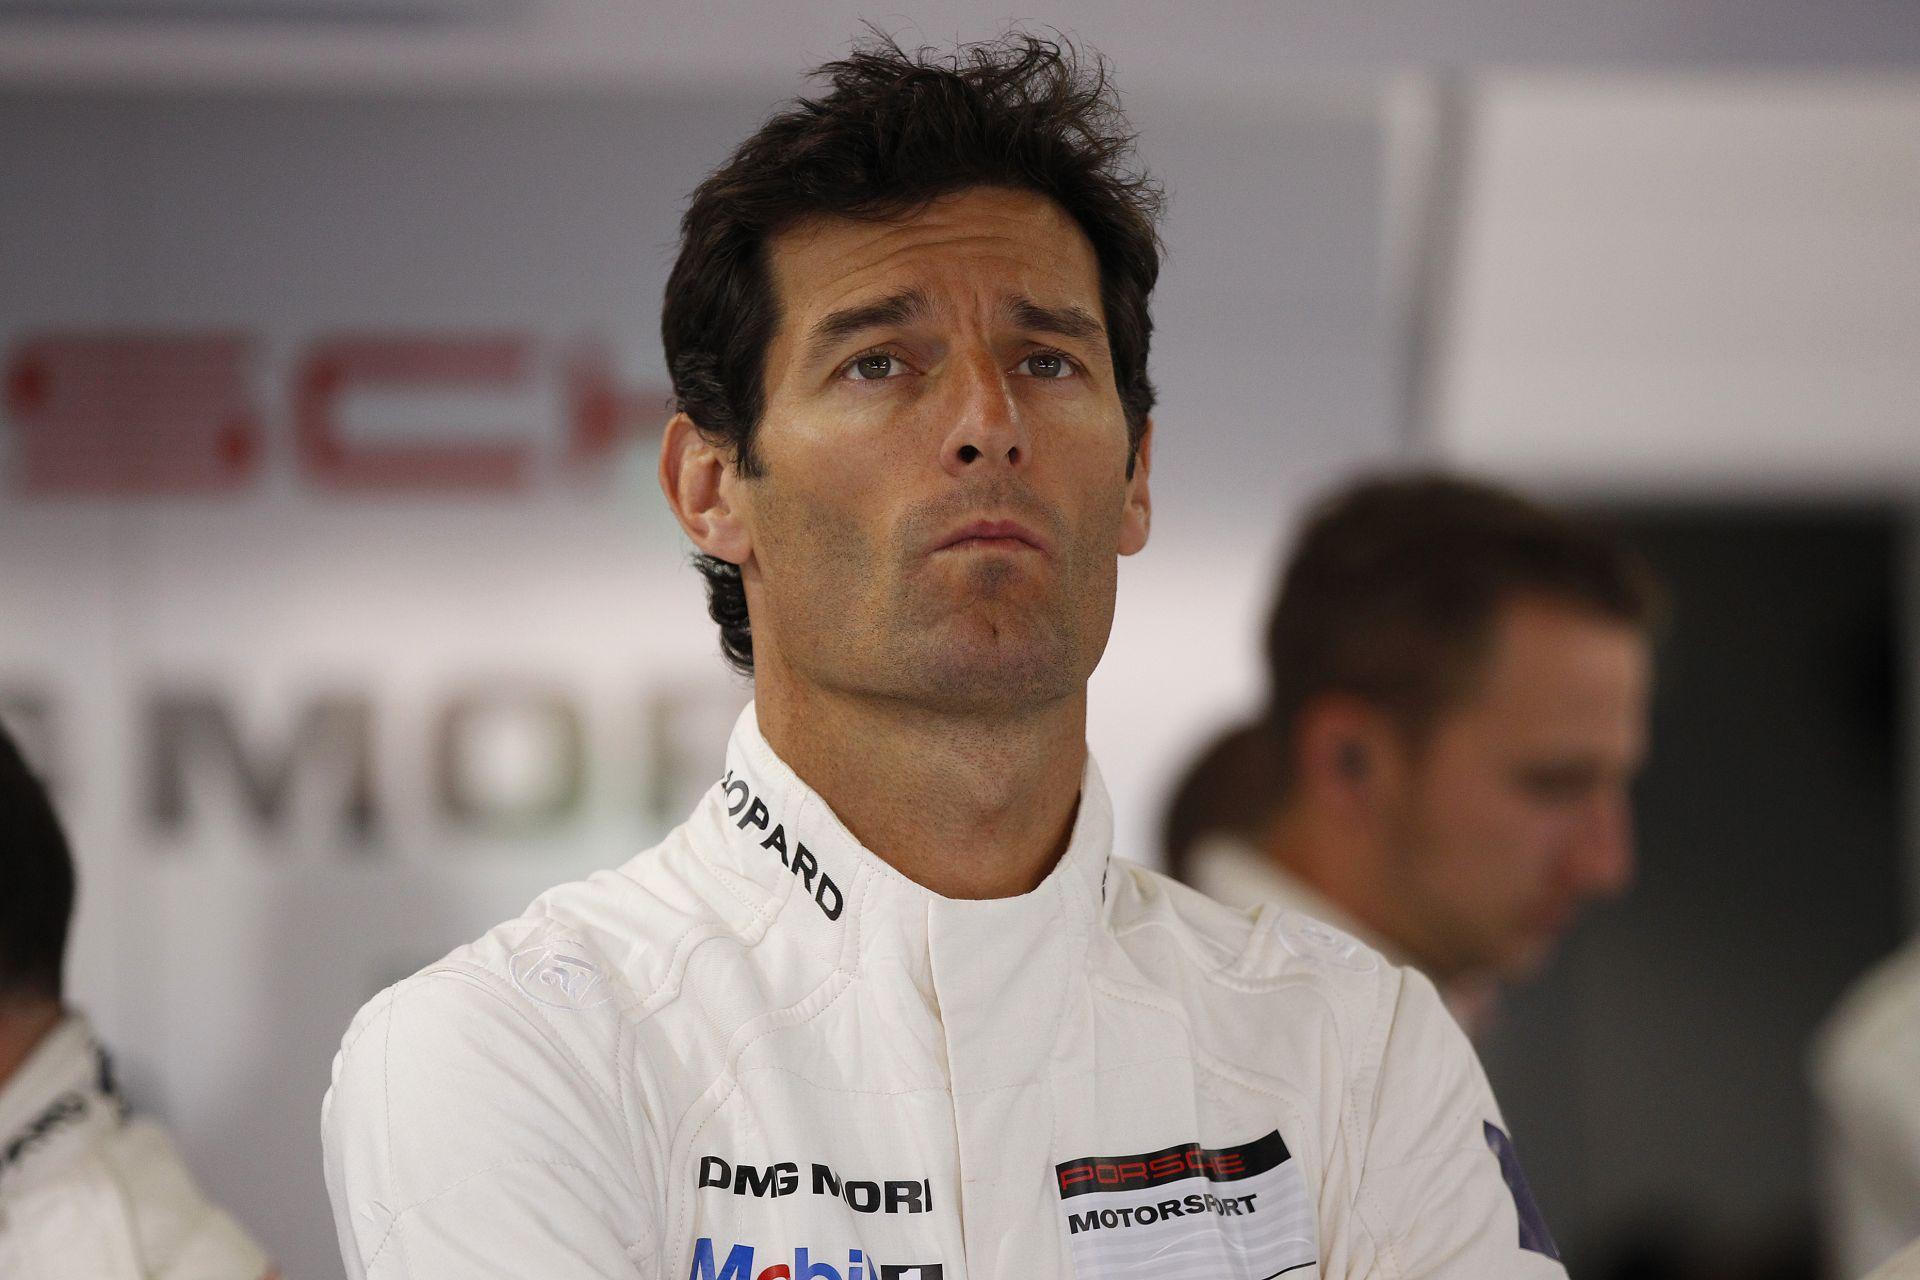 Webber: Rosberg nyomás alatt jobb, mint Hamilton! Alonso és Raikkönen kellene még melléjük